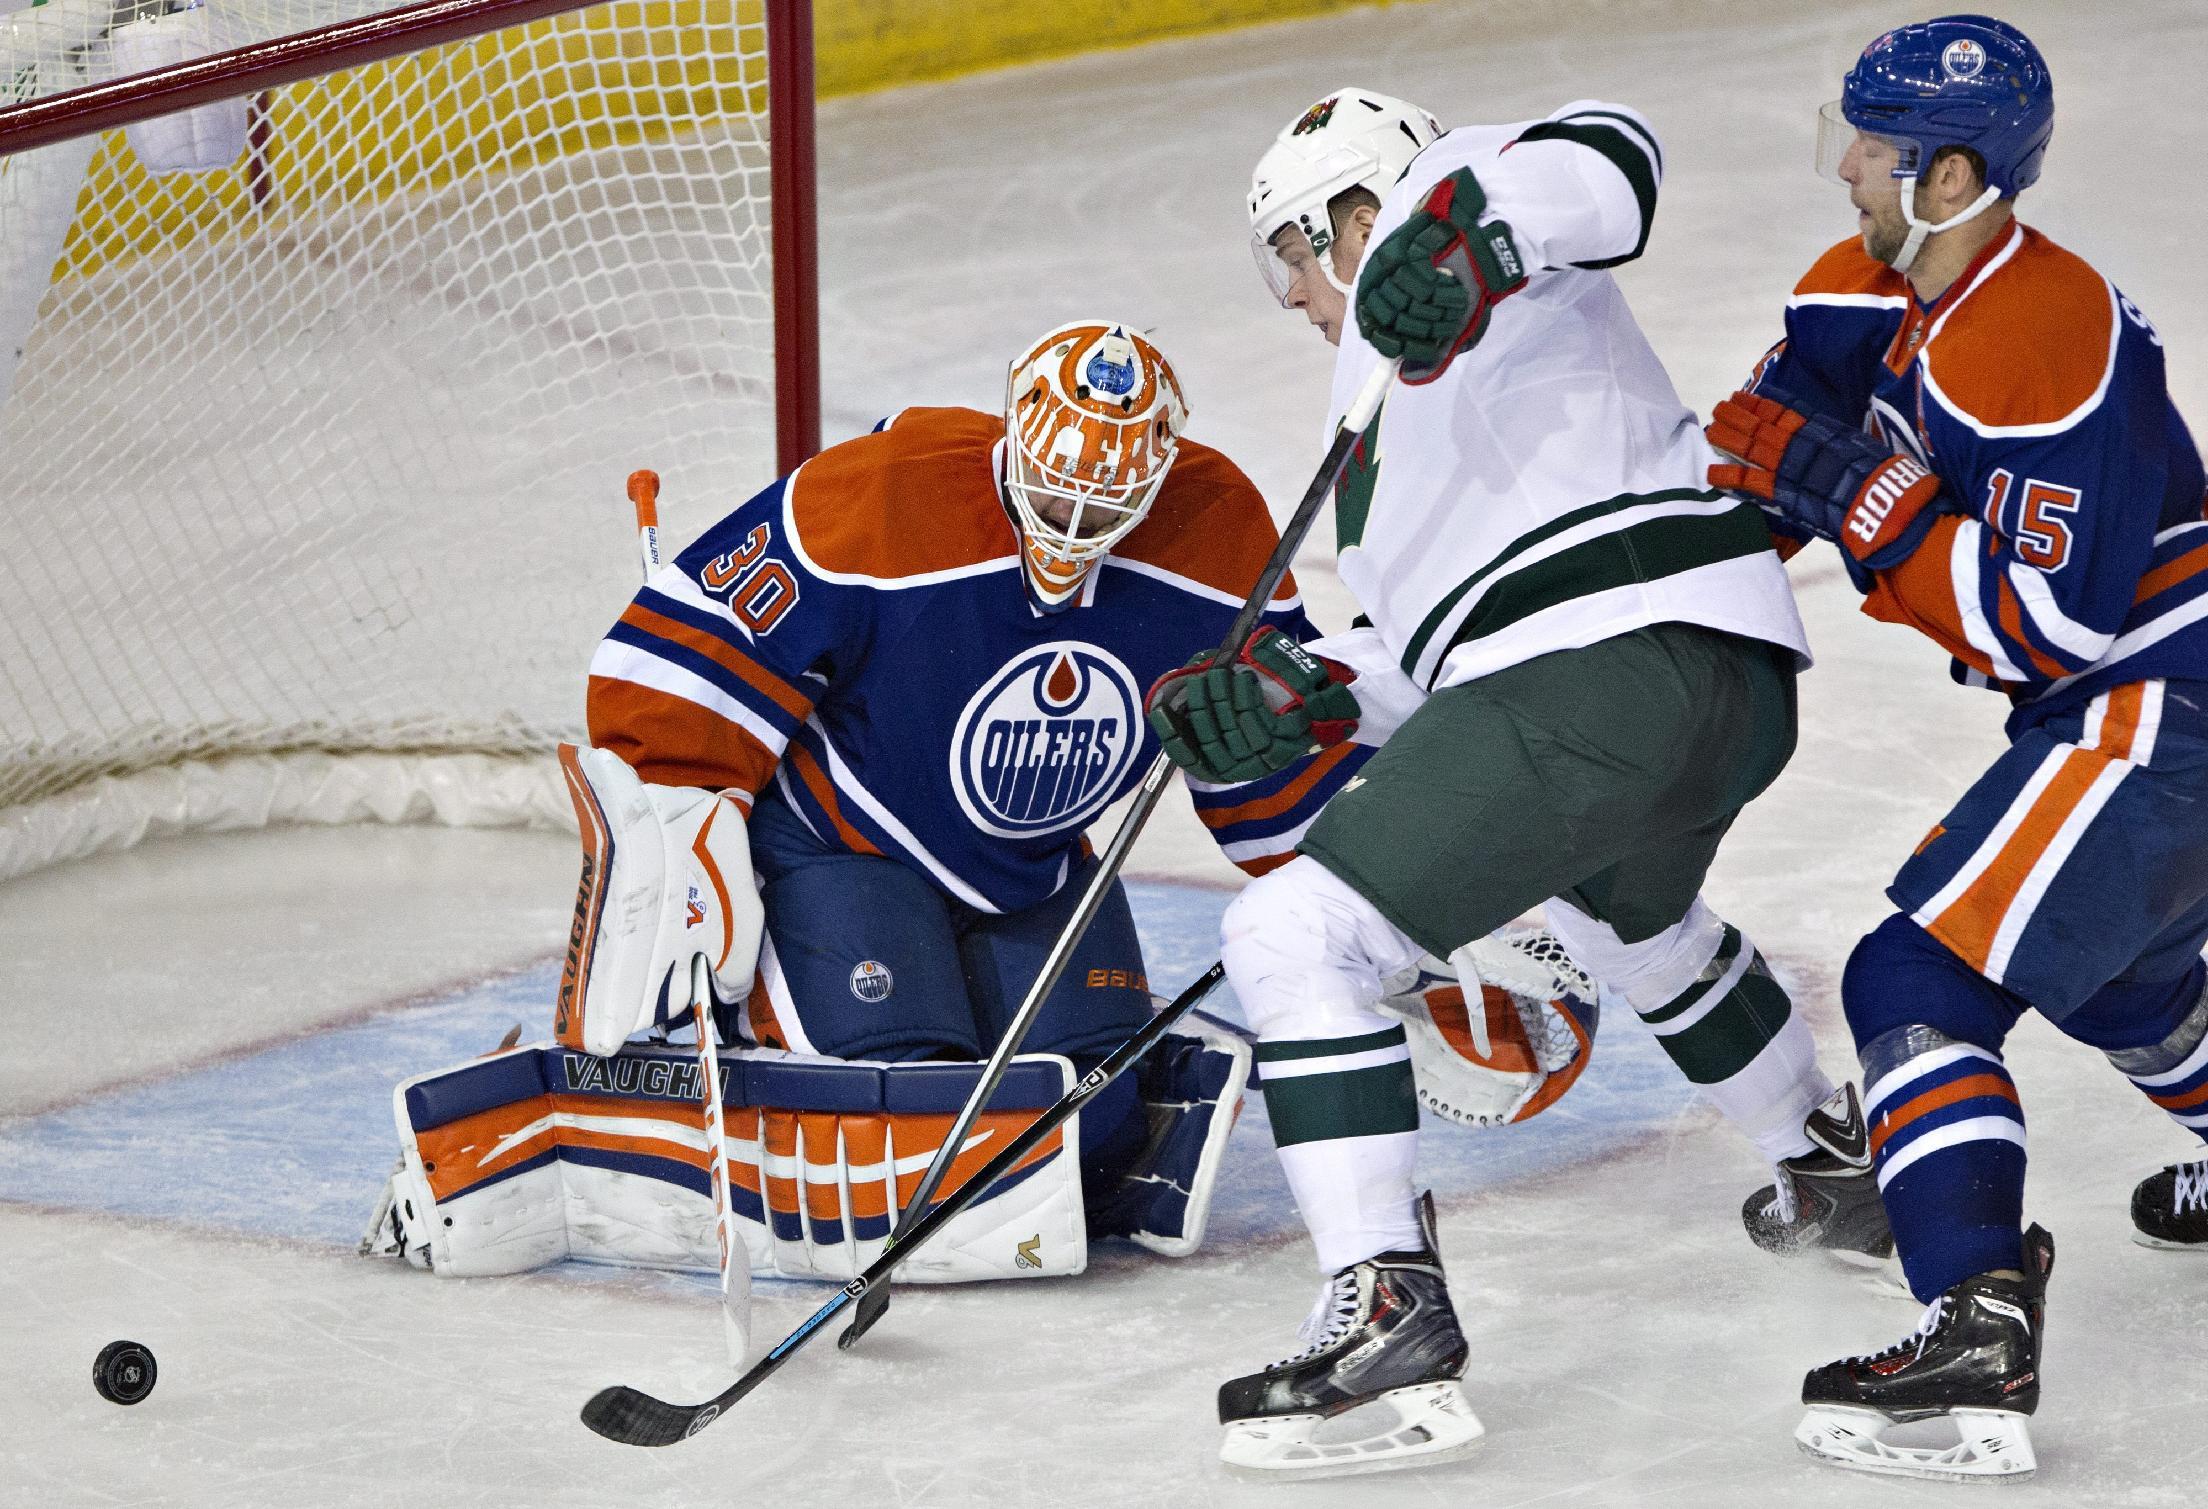 Kuemper has 21 saves in Wild's 3-0 win over Oilers